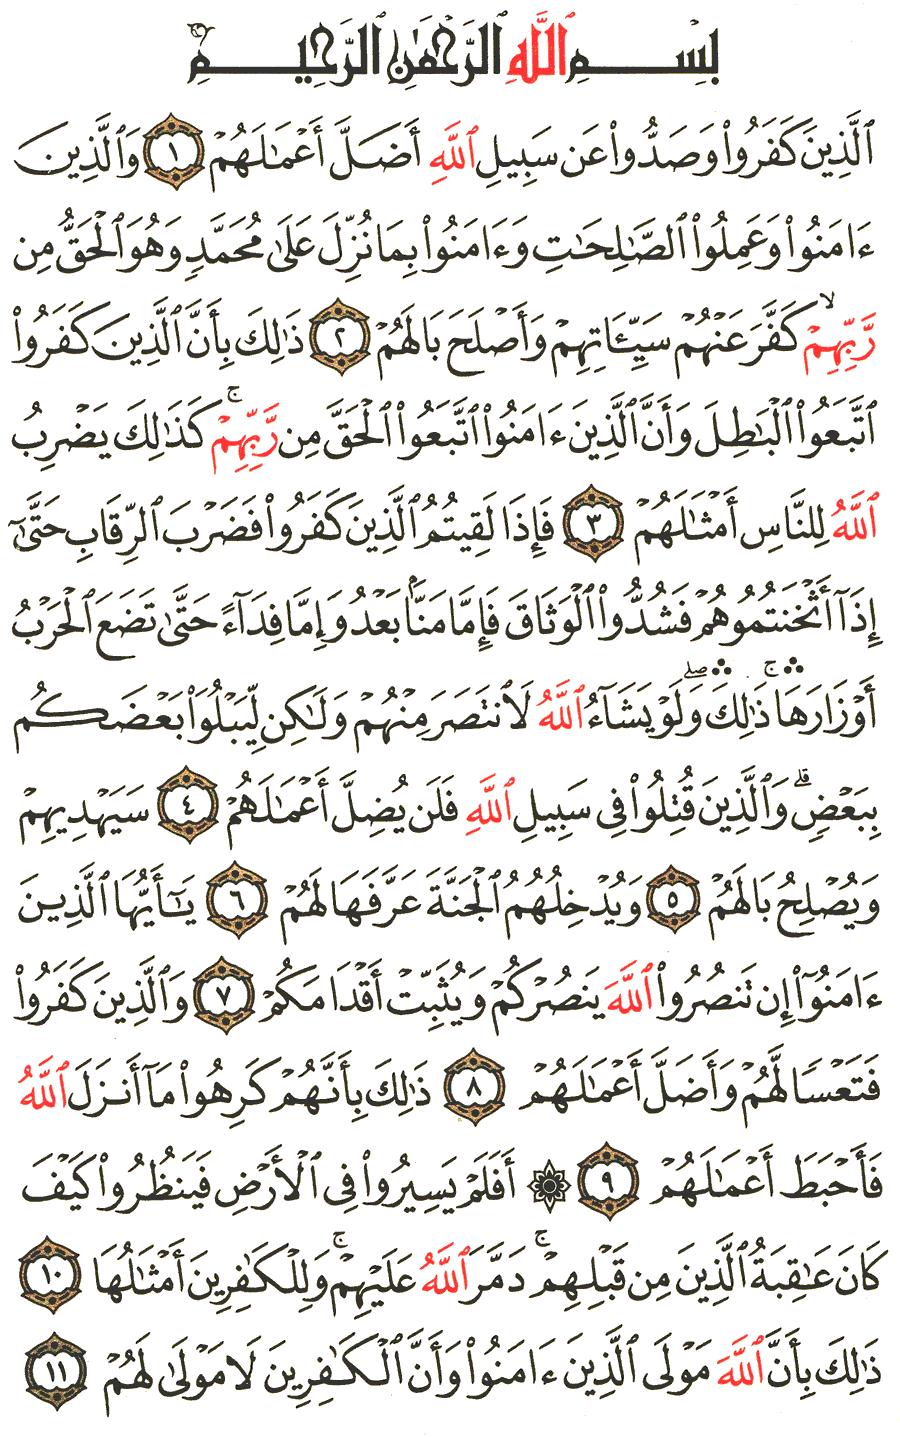 الصفحة رقم 507 من القرآن الكريم مكتوبة من المصحف